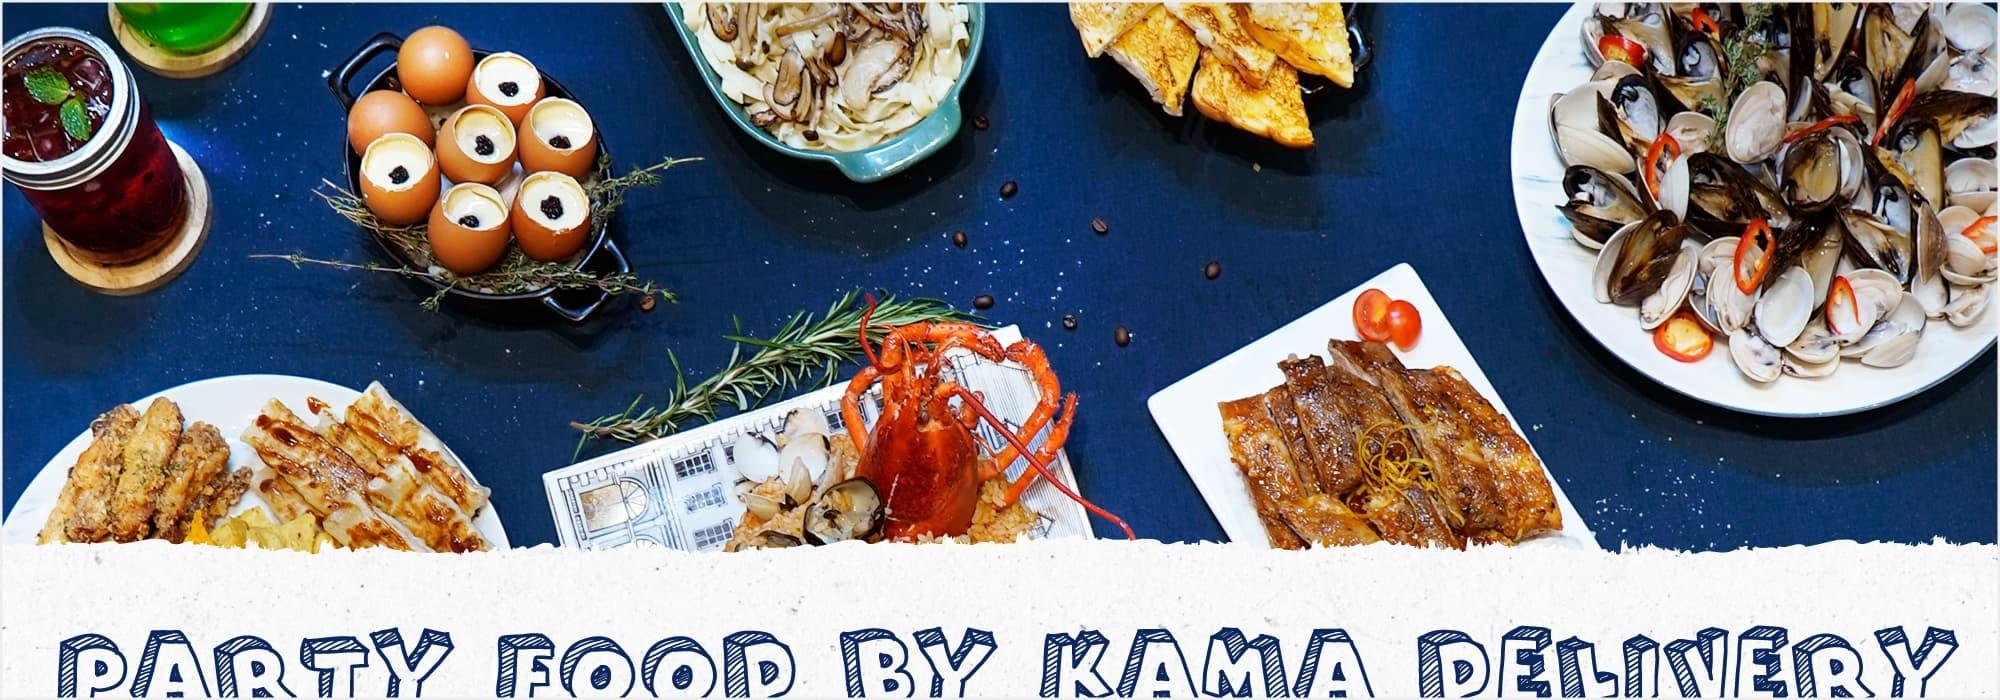 【派對食物外賣介紹】 免運費直送+贈送小食|Kama Delivery到會外賣速遞專家